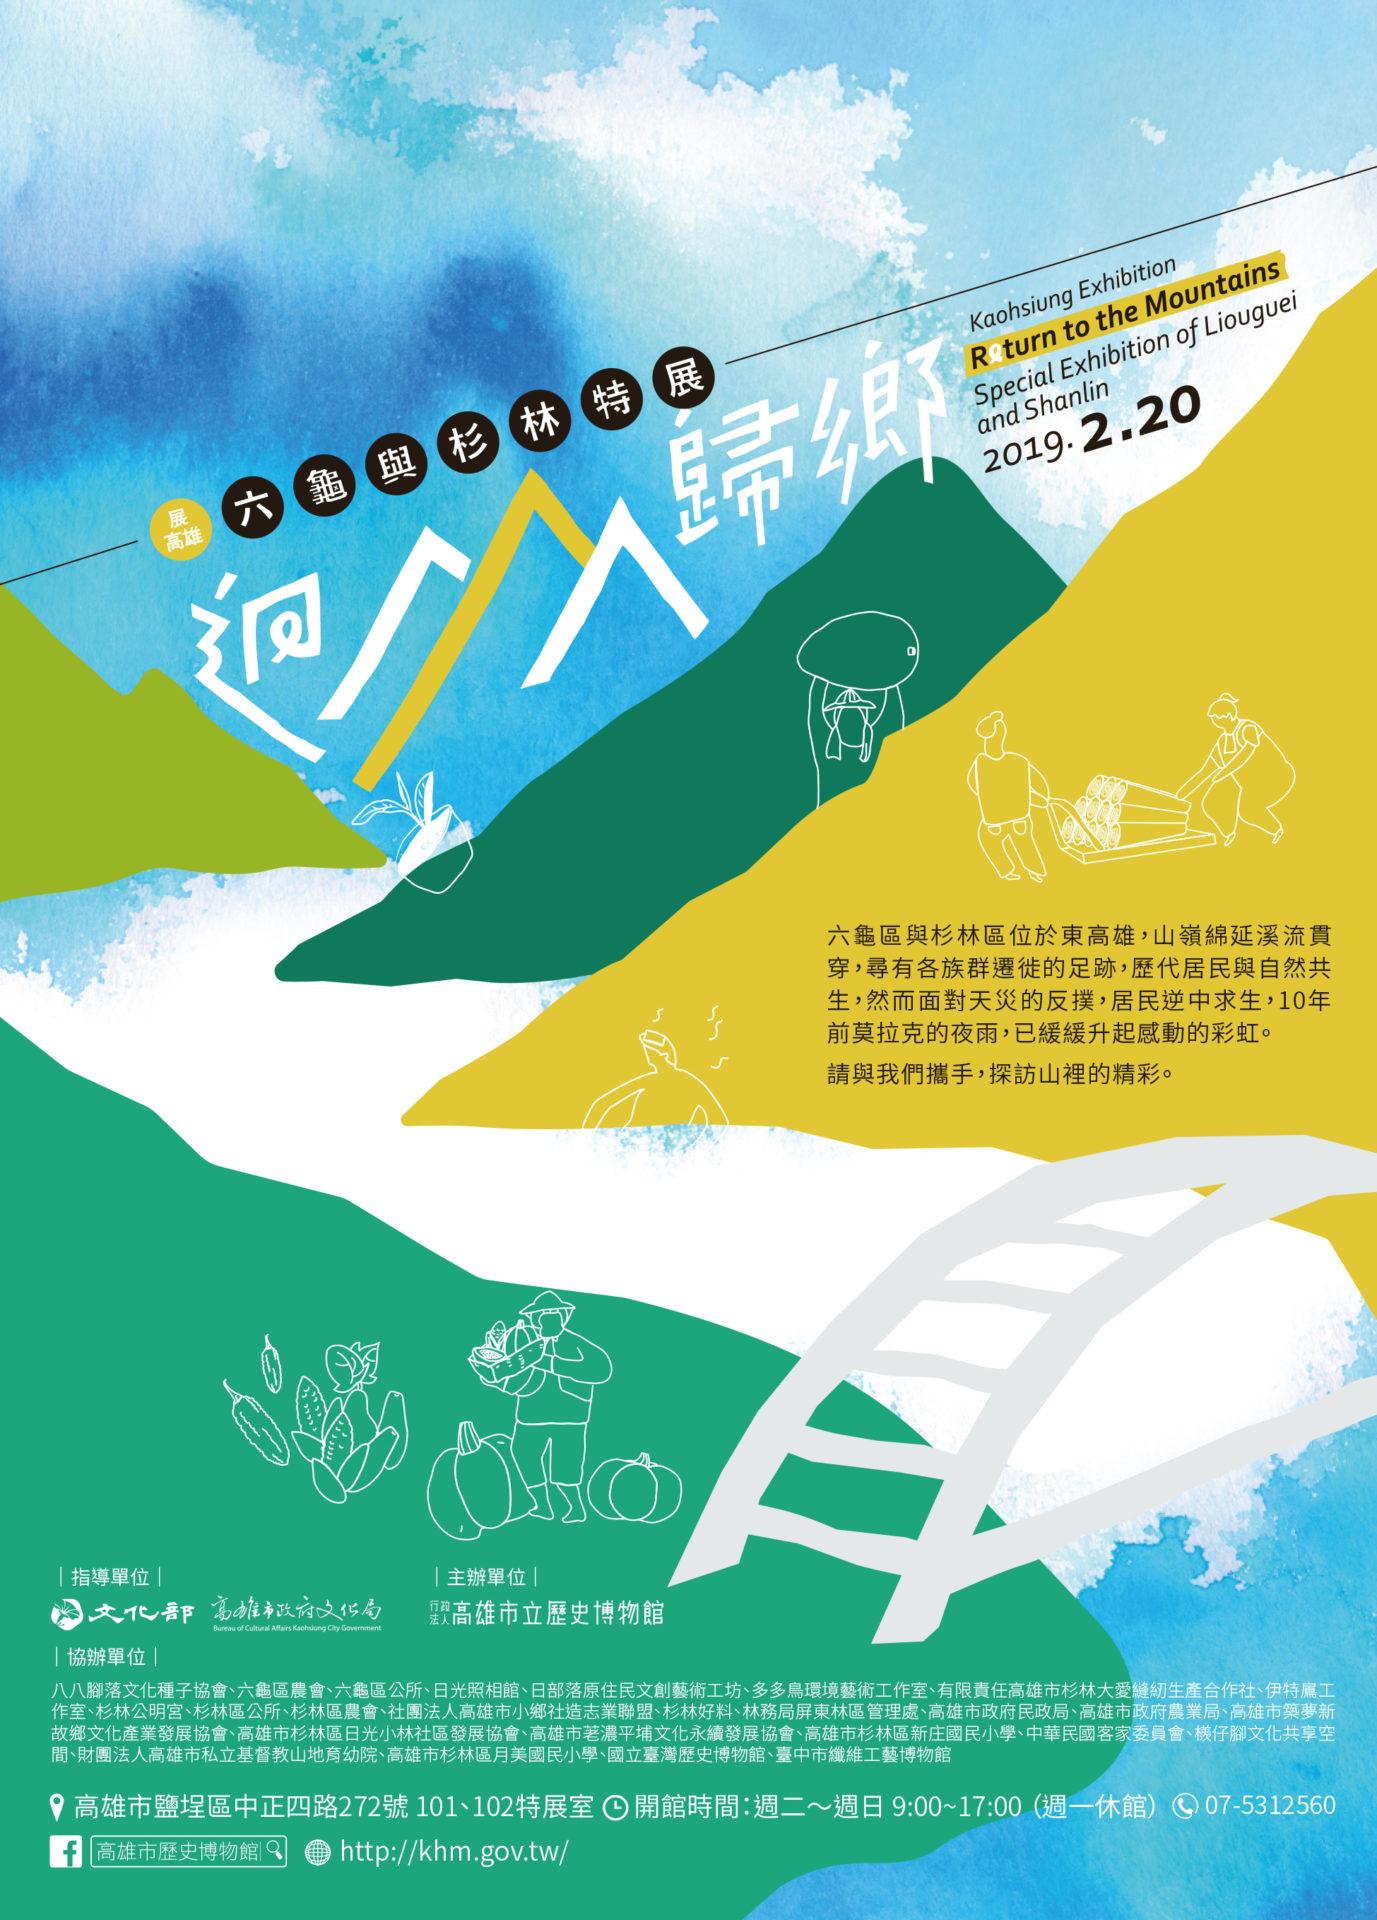 高雄市立歷史博物館:2019/02/20-2019/10/31【展高雄:迴山歸鄉-六龜與杉林特展】